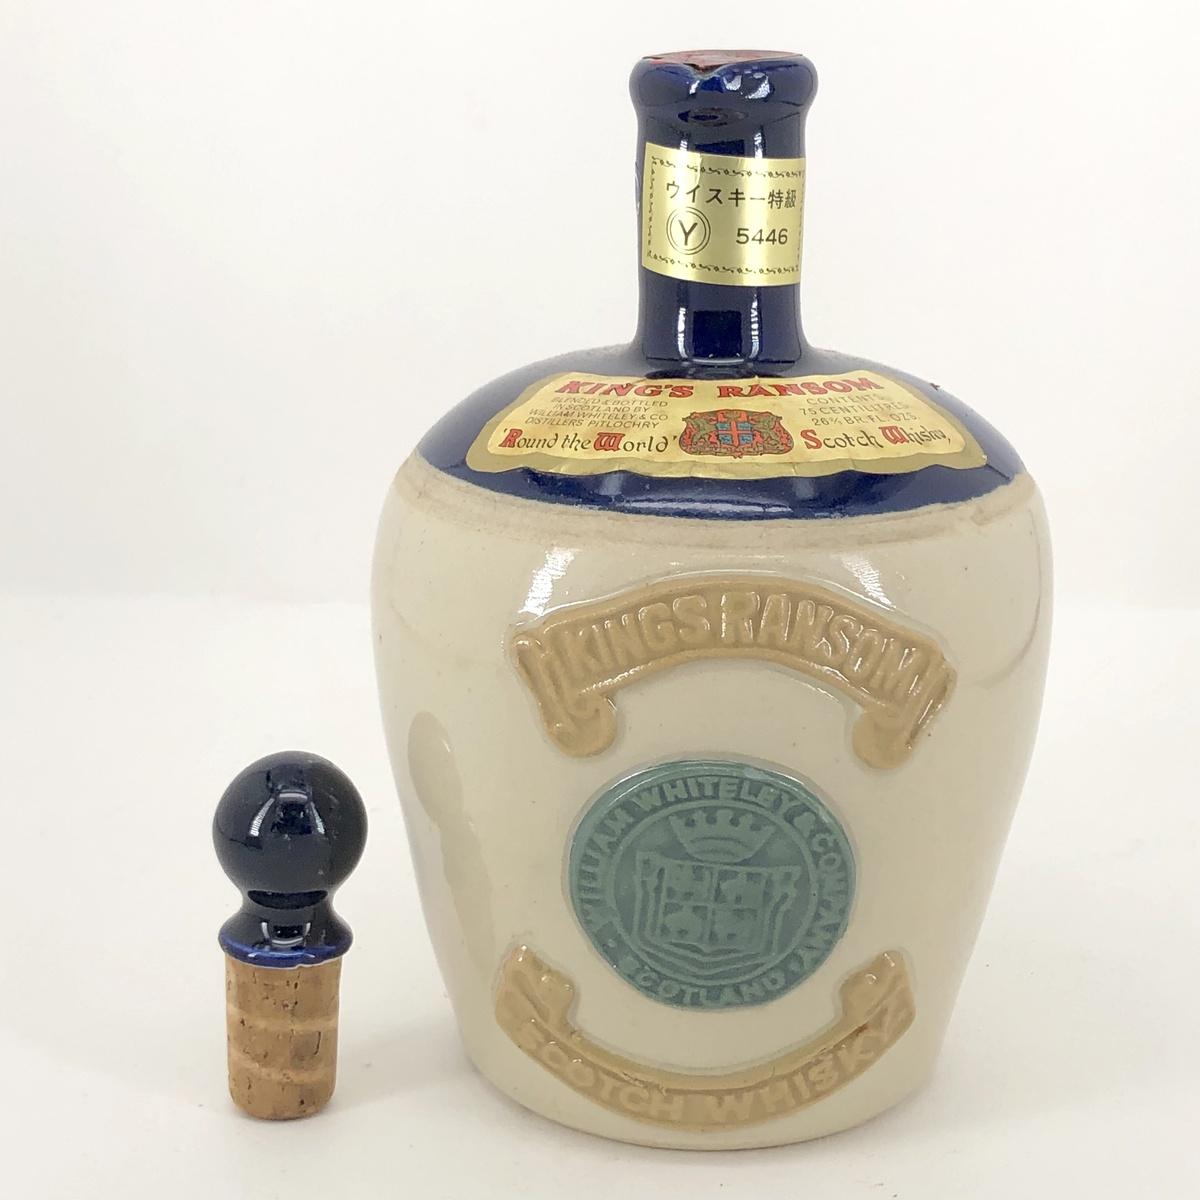 超特価SALE開催! キングスランサム 陶器ボトル 特級表記 750ml スコッチウイスキー ブレンデッド, 浮羽町 747c4f4e